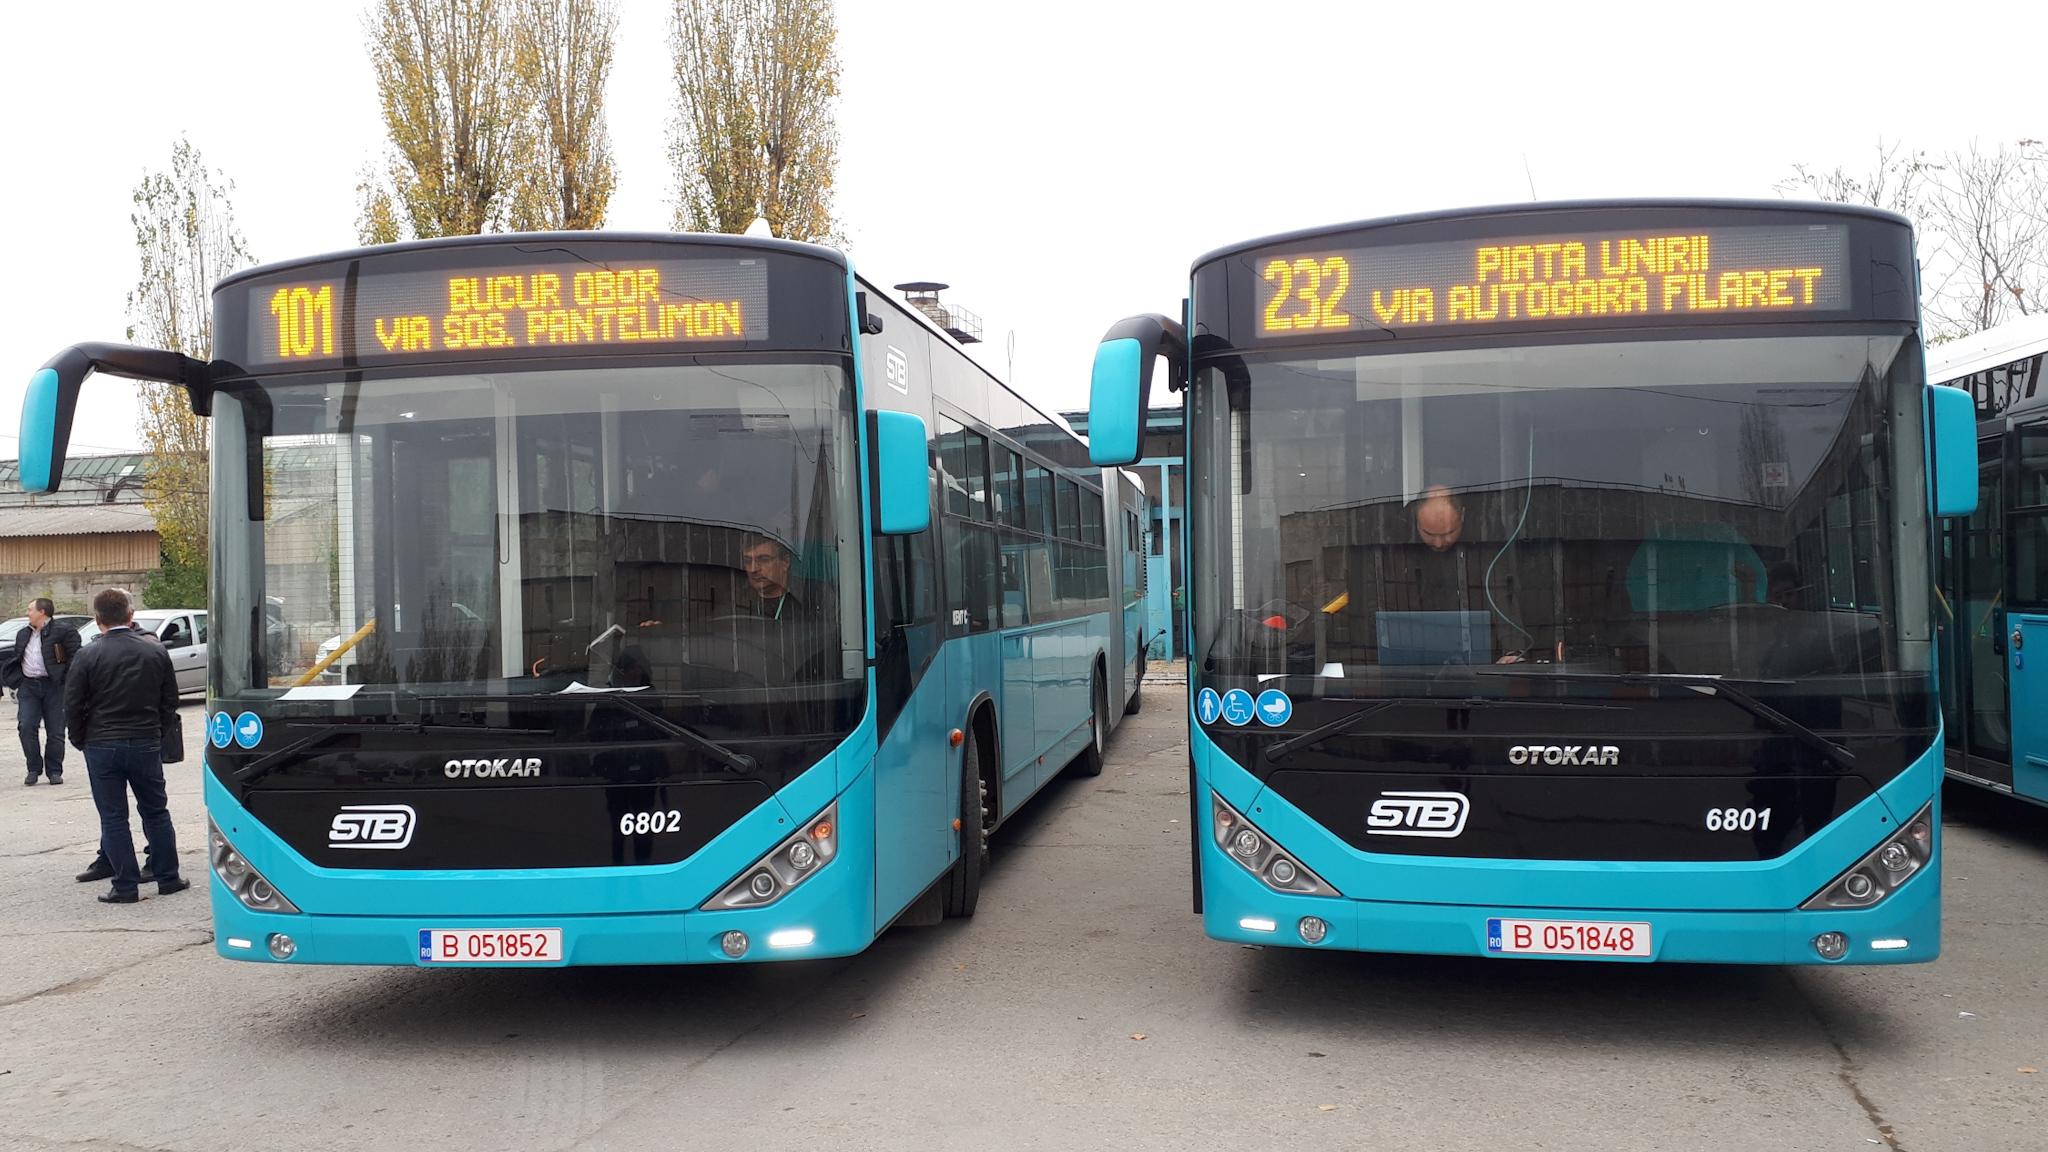 Nu numai oamenii de rând, ci și șoferii STB s-au plâns de aceste autobuze Otokar